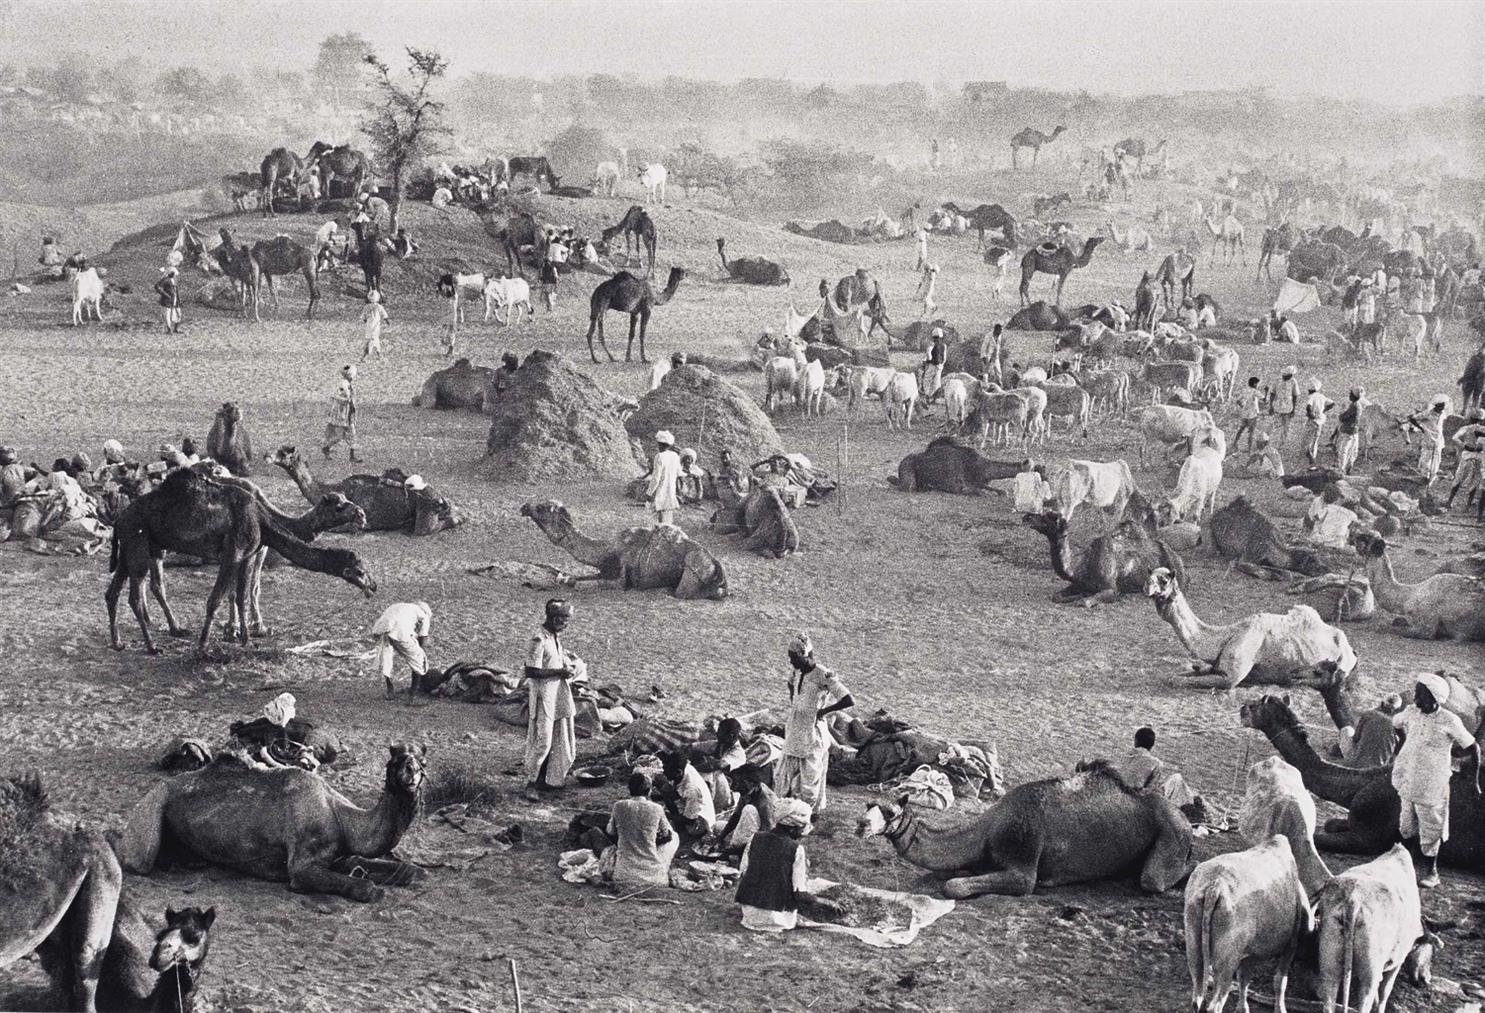 Marc Riboud-Marche Aux Chameaux, Rajasthan, Inde-1956